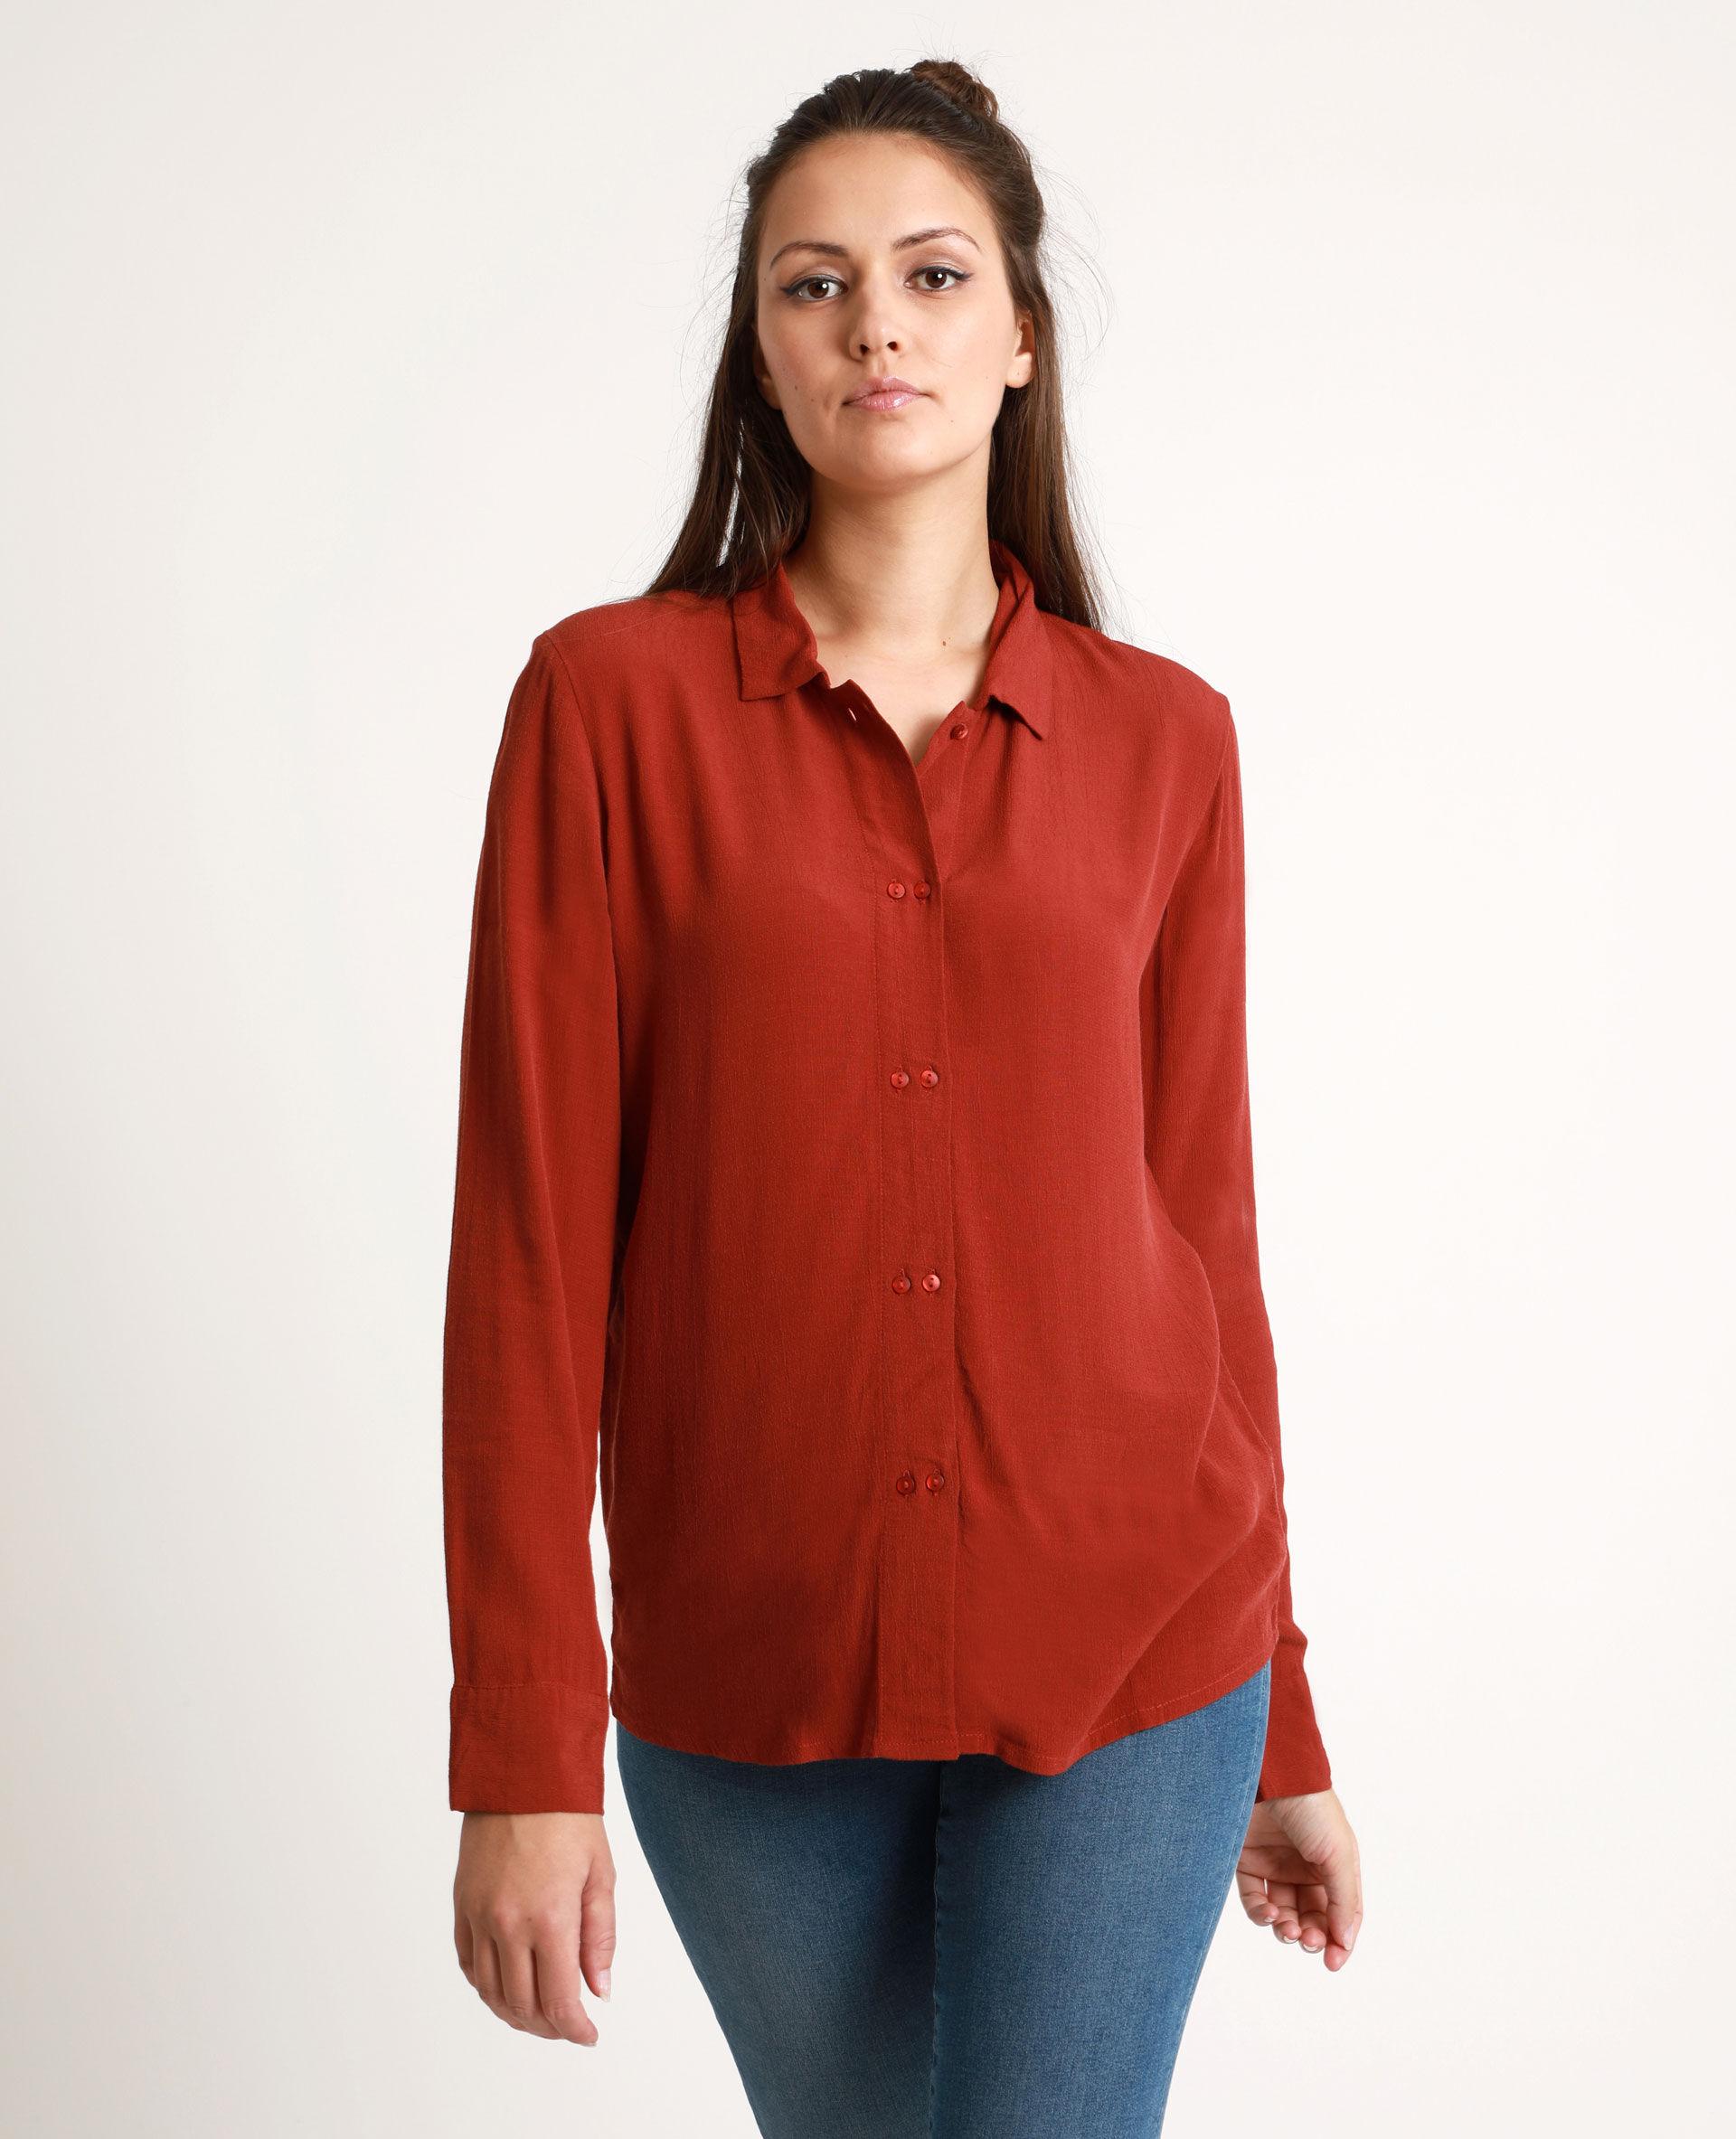 Chemise fluide Femme - Couleur rouge foncé - Taille 44 - PIMKIE - MODE FEMME